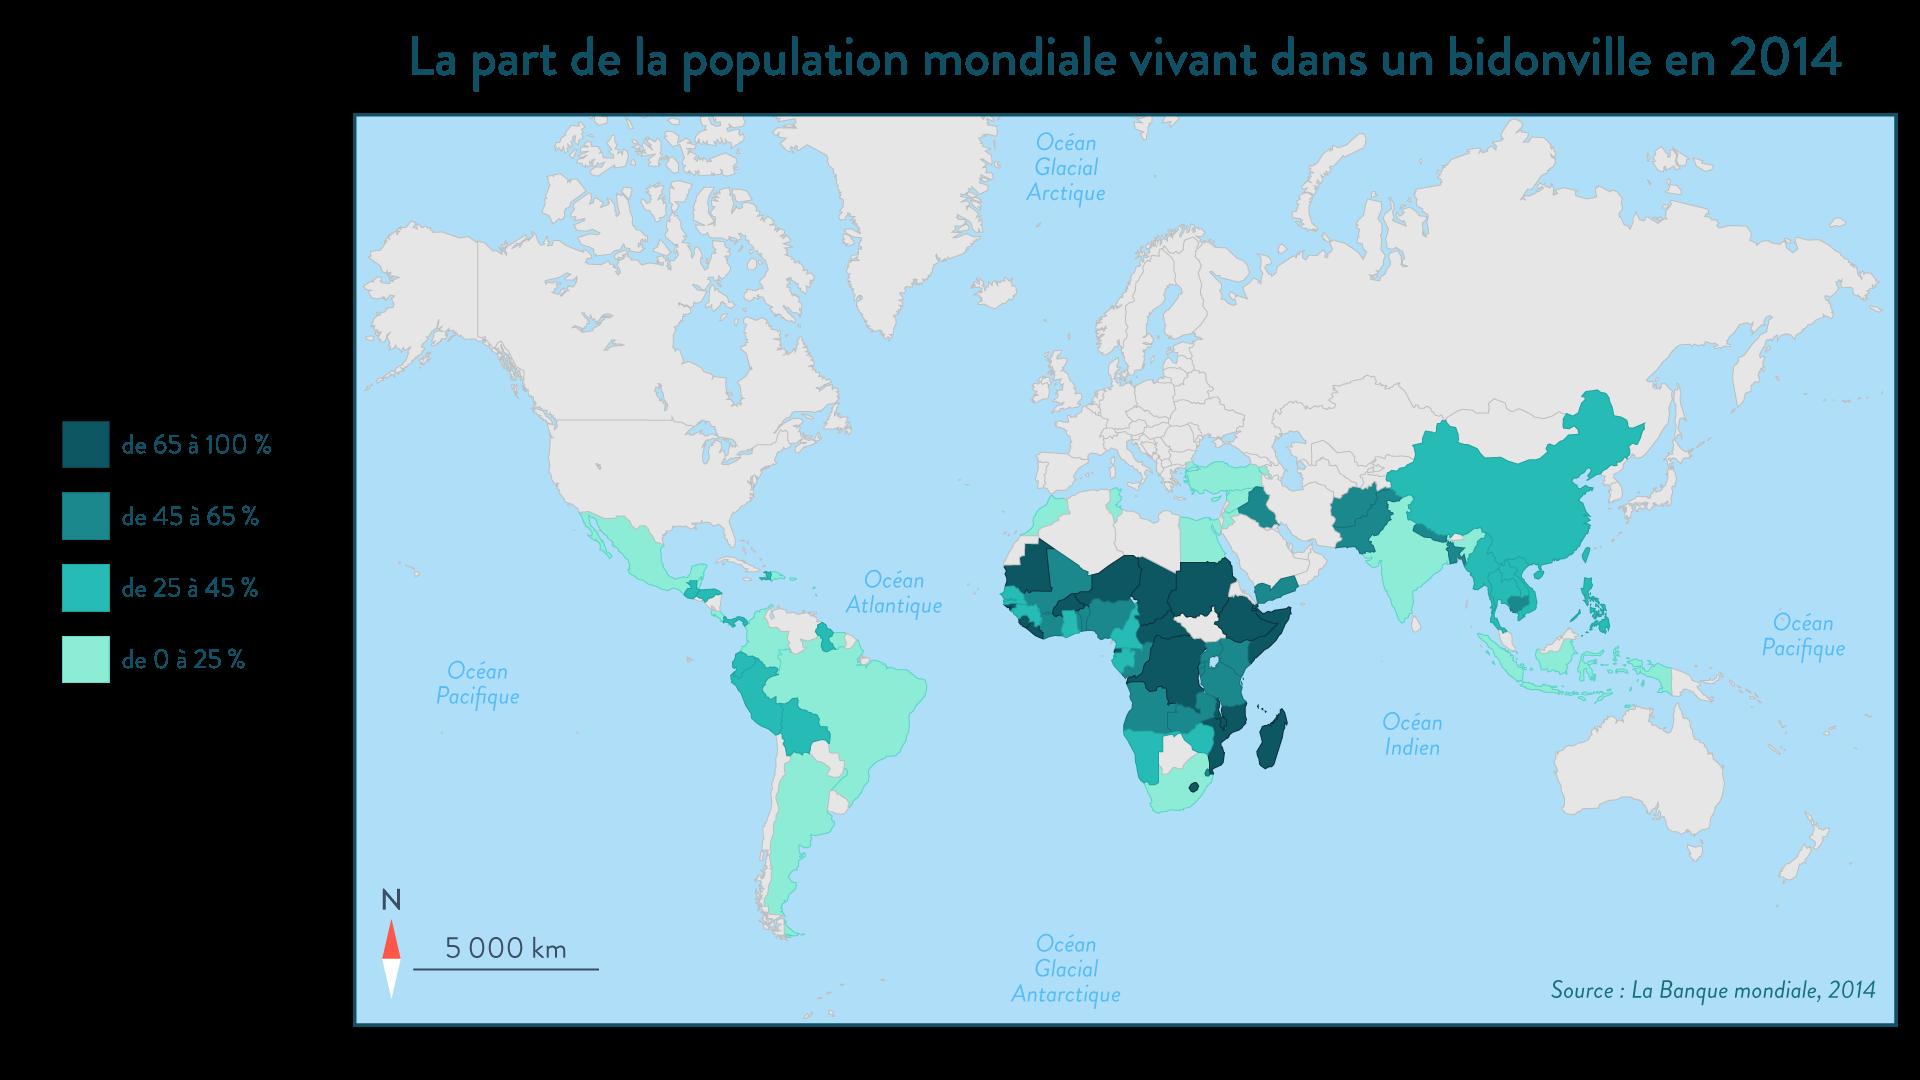 La part de la population mondiale vivant dans un bidonville en 2014 - SchoolMouv - 1re - Géographie